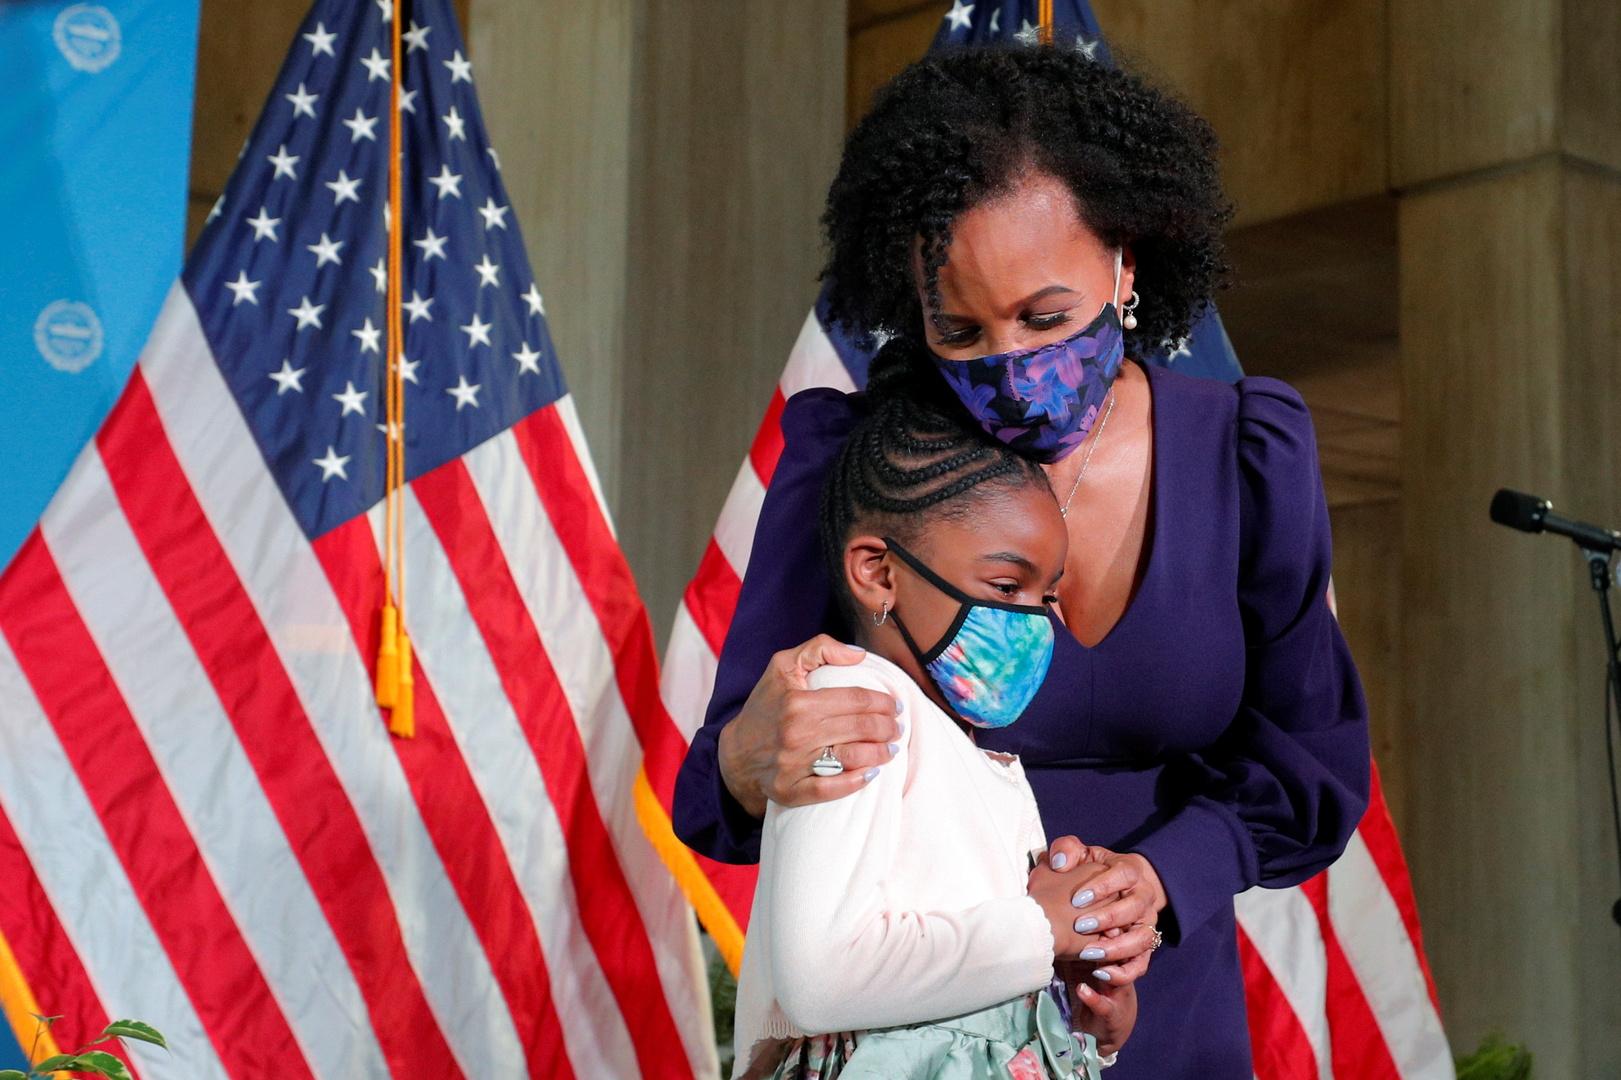 لأول مرة منذ 199 عاما.. إمرأة أمريكية من أصول إفريقية حاكمة عمدة بوسطن